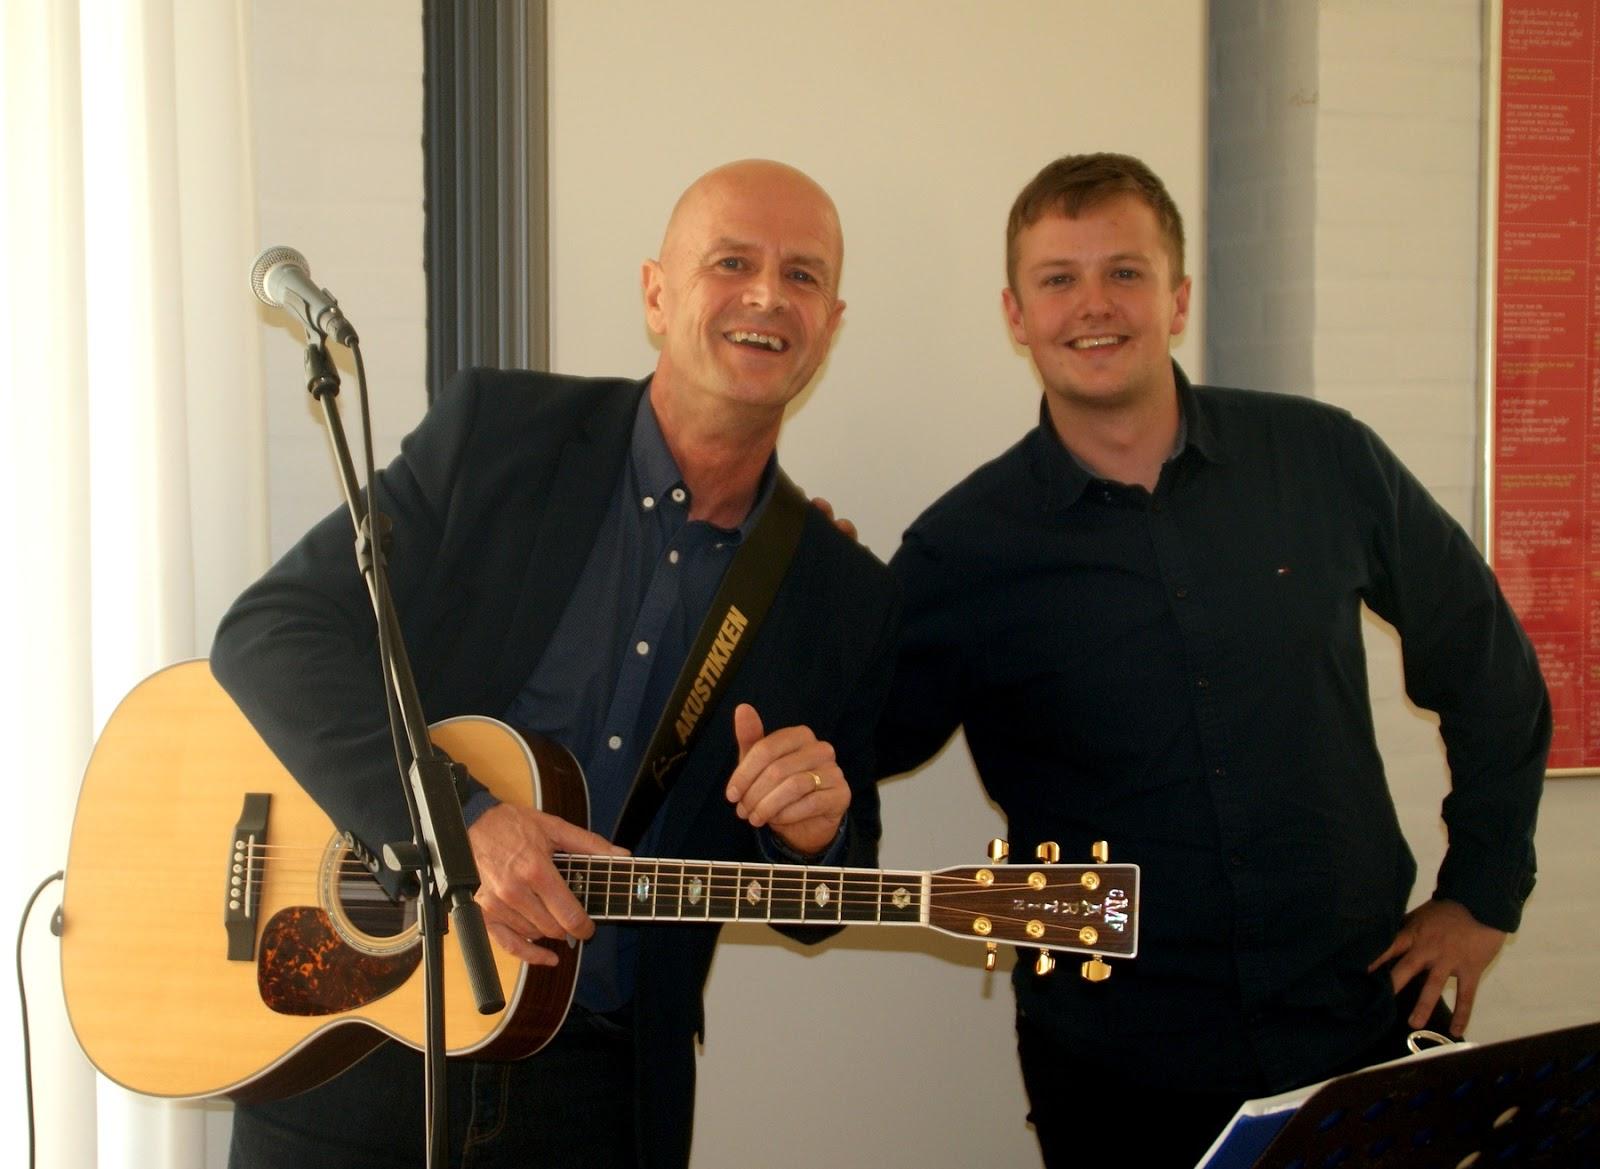 Koncert Med Bent Og Anders Bro 17/11